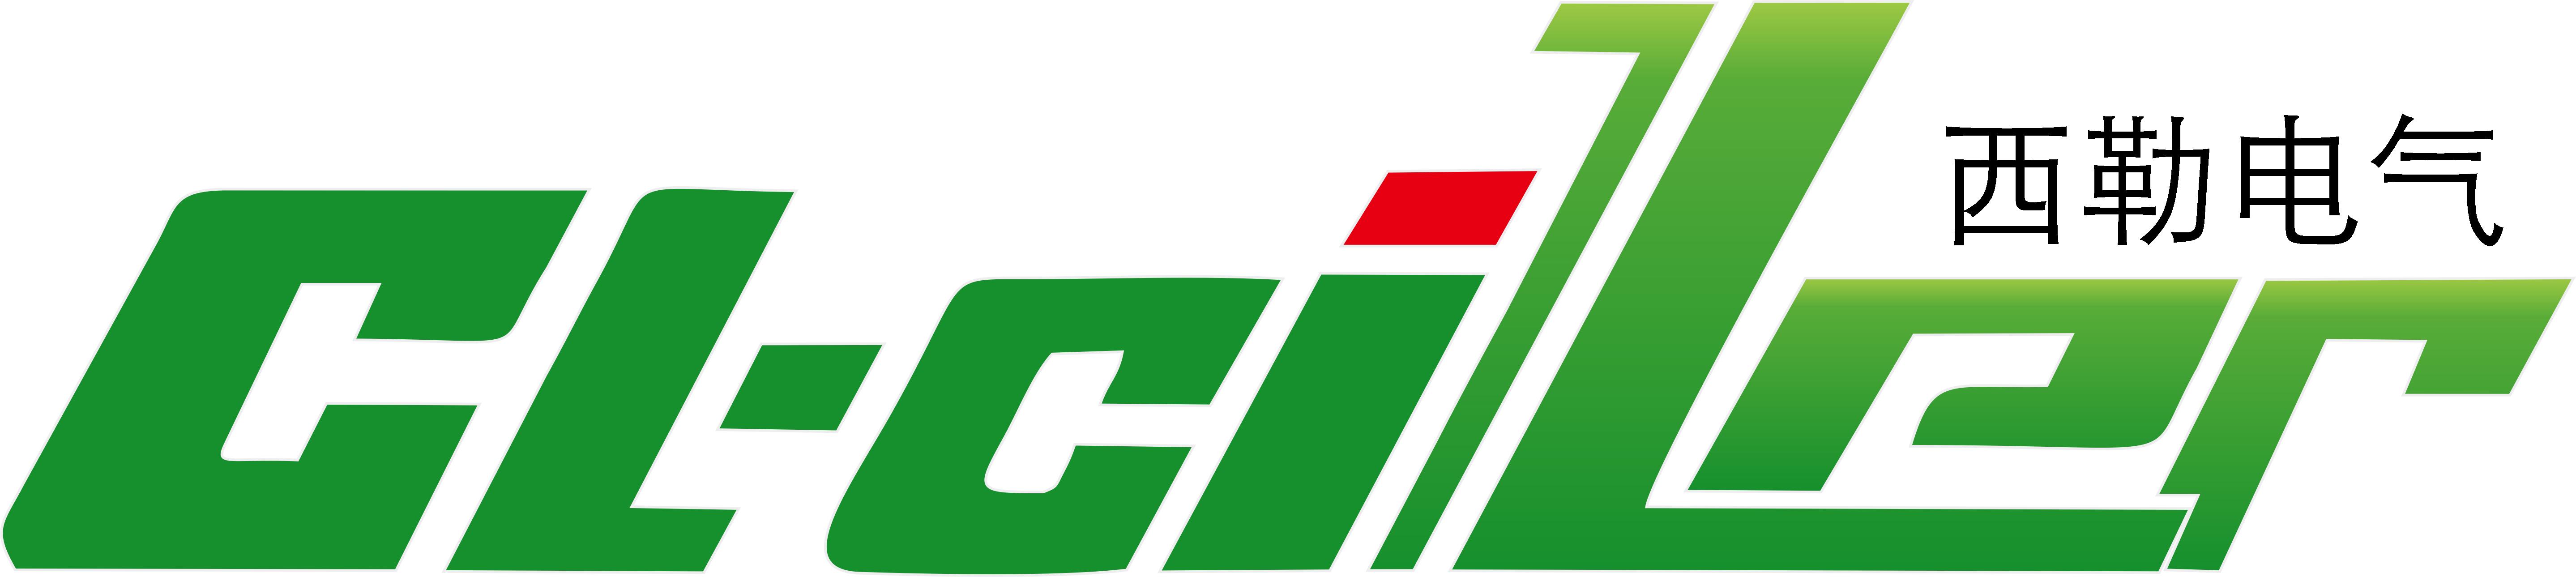 深圳市西勒实业发展有限公司